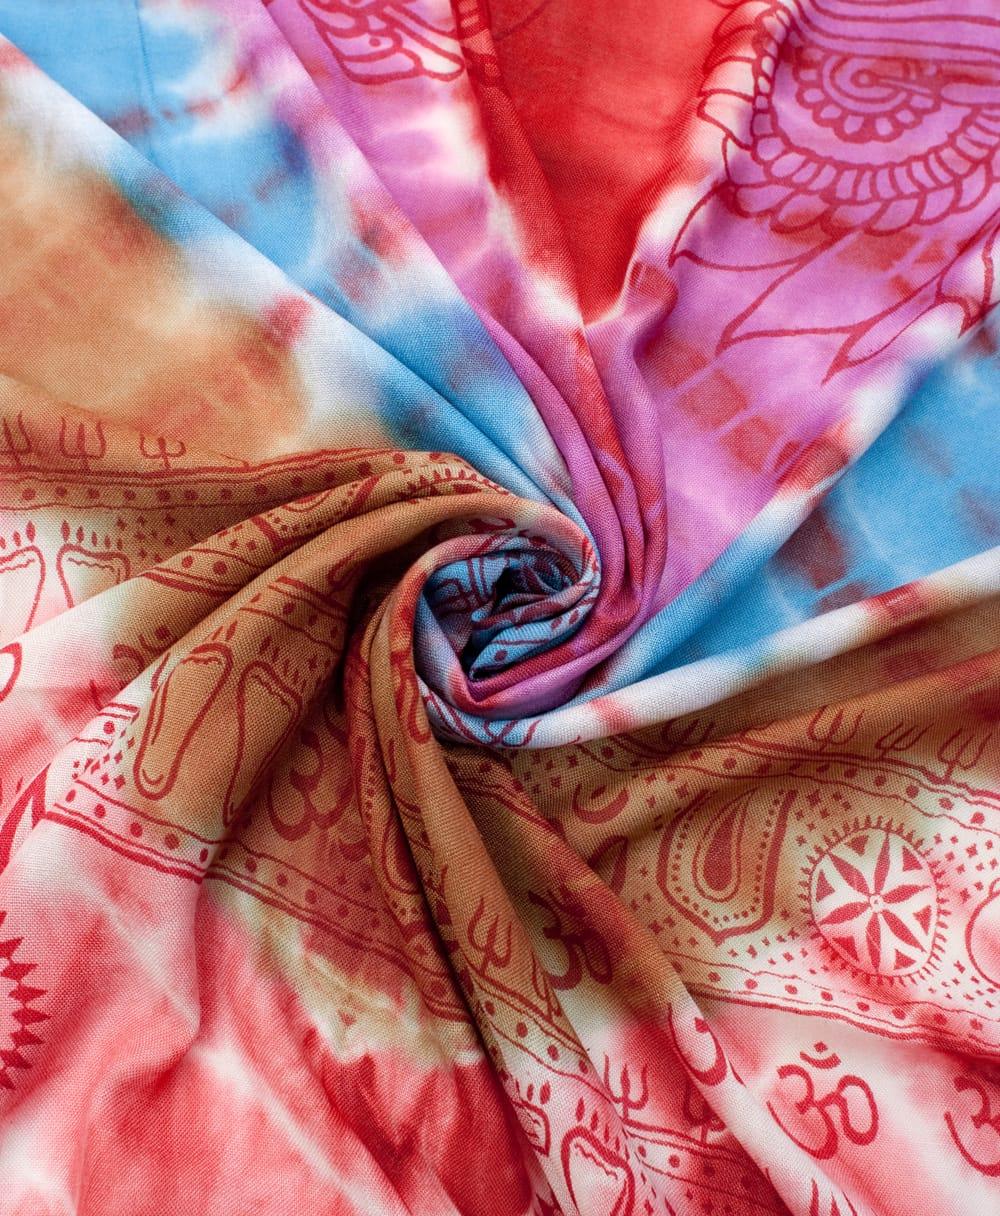 〔195cm*100cm〕ガネーシャ&ヒンドゥー神様のタイダイサイケデリック布 - 赤×紫×青×緑系 4 - タイダイ特有の色合いがとても綺麗です